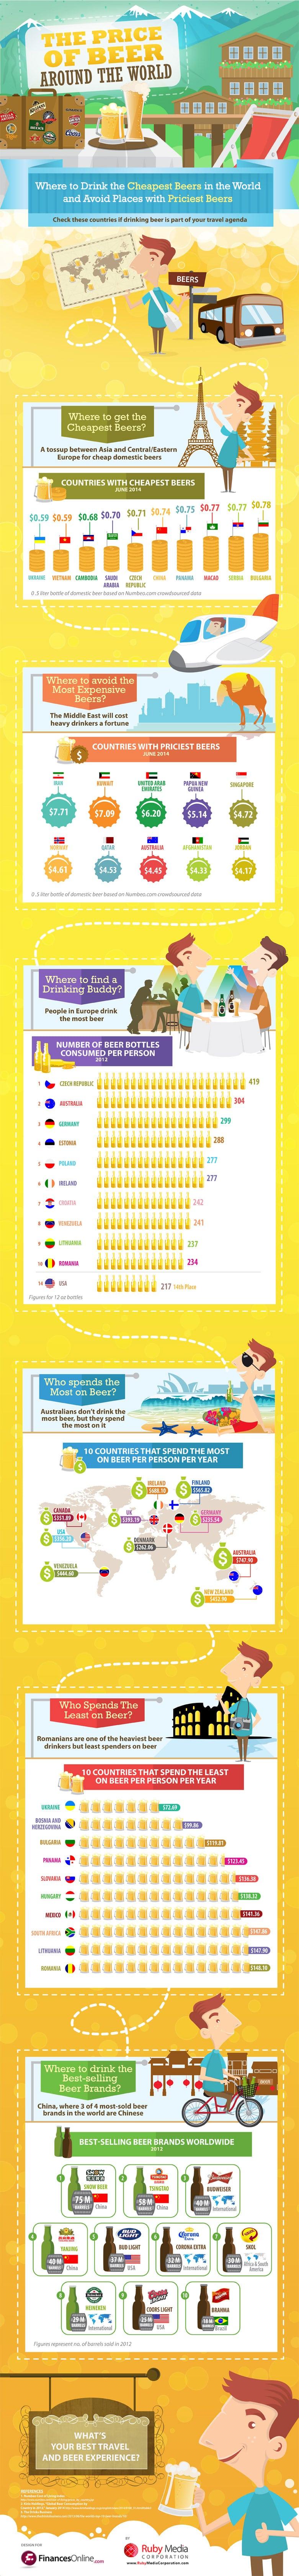 Infográfico com o preço das cervejas pelo mundo